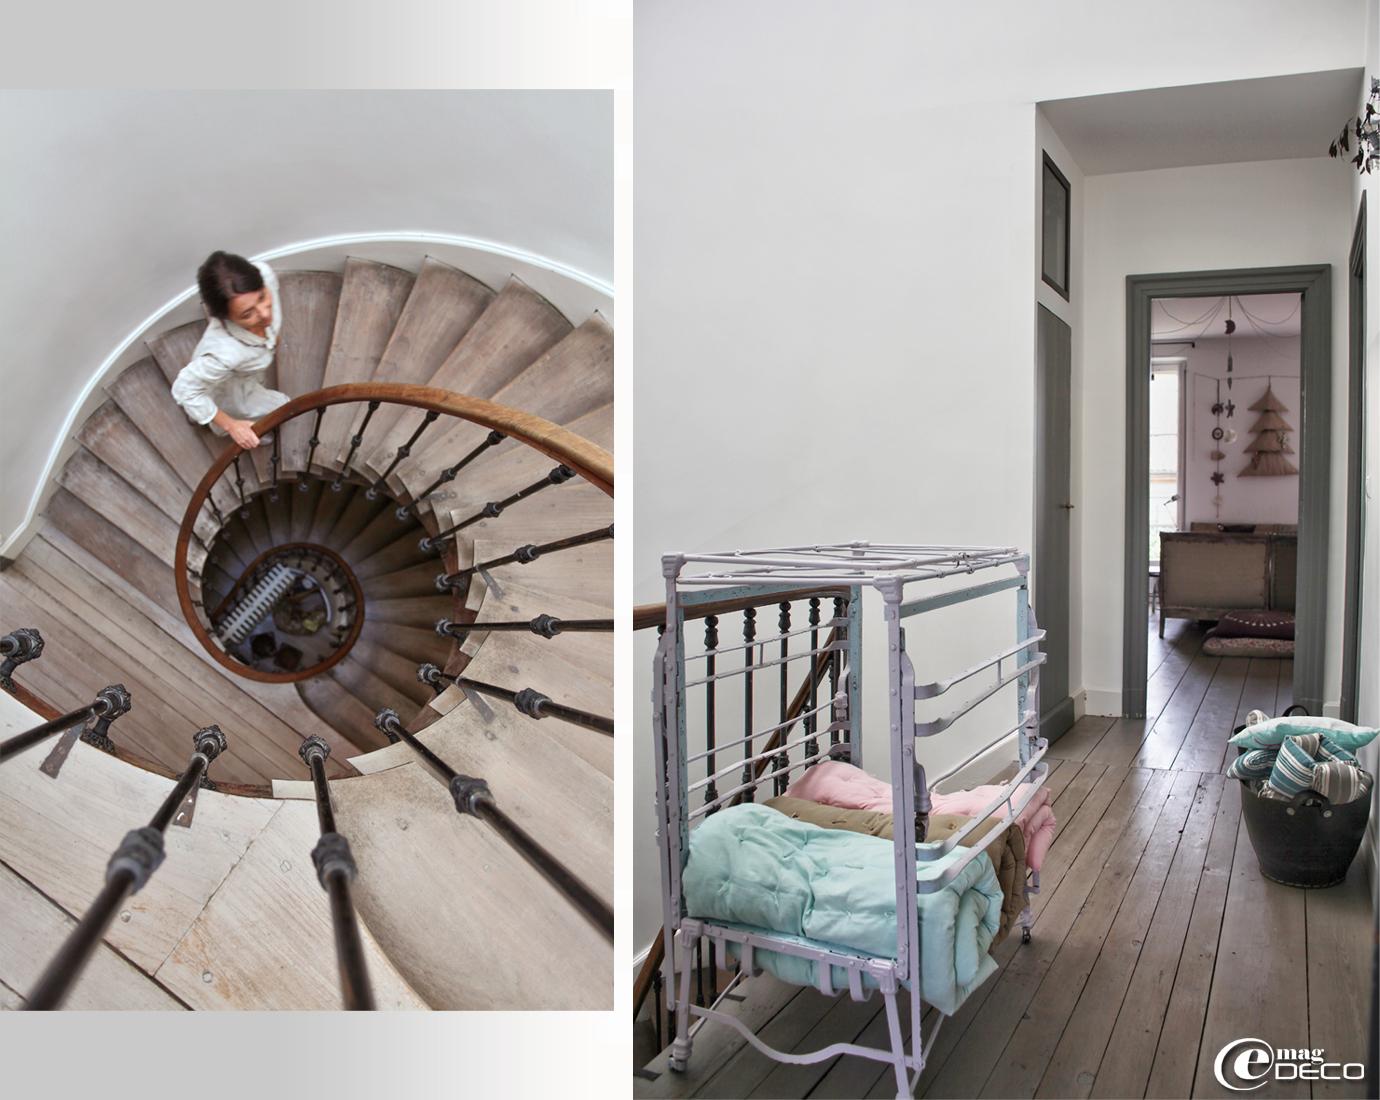 Escalier tournant en bois dans la maison de Béatrice Loncle à Agen,